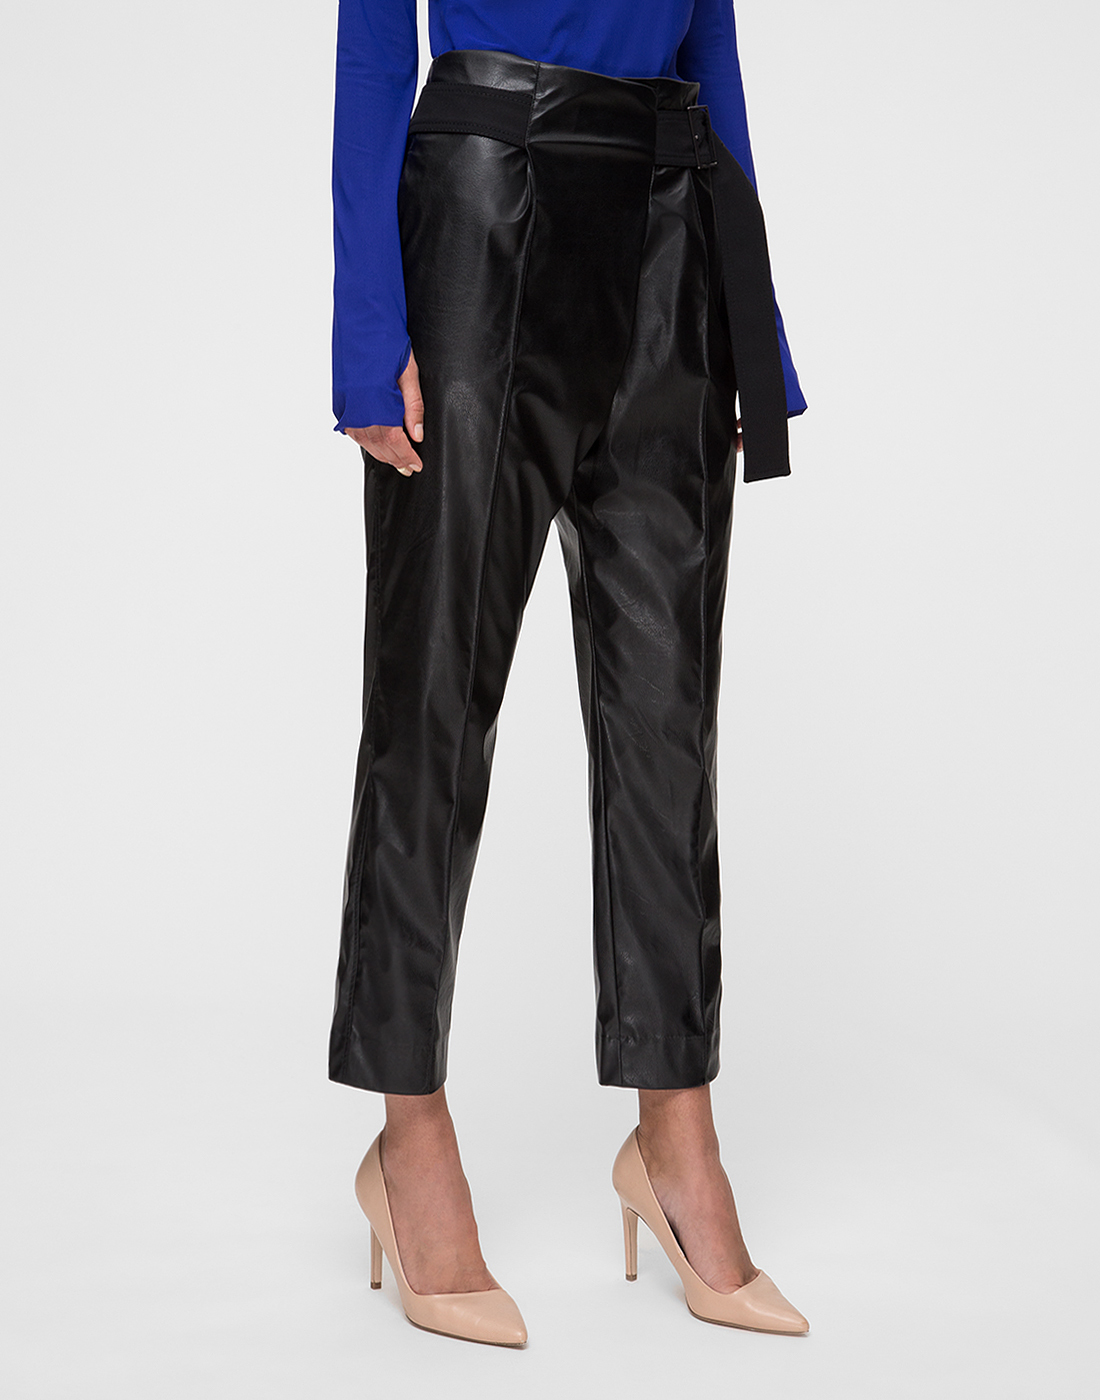 Женские черные брюки Dorothee Schumacher S546301/999-3